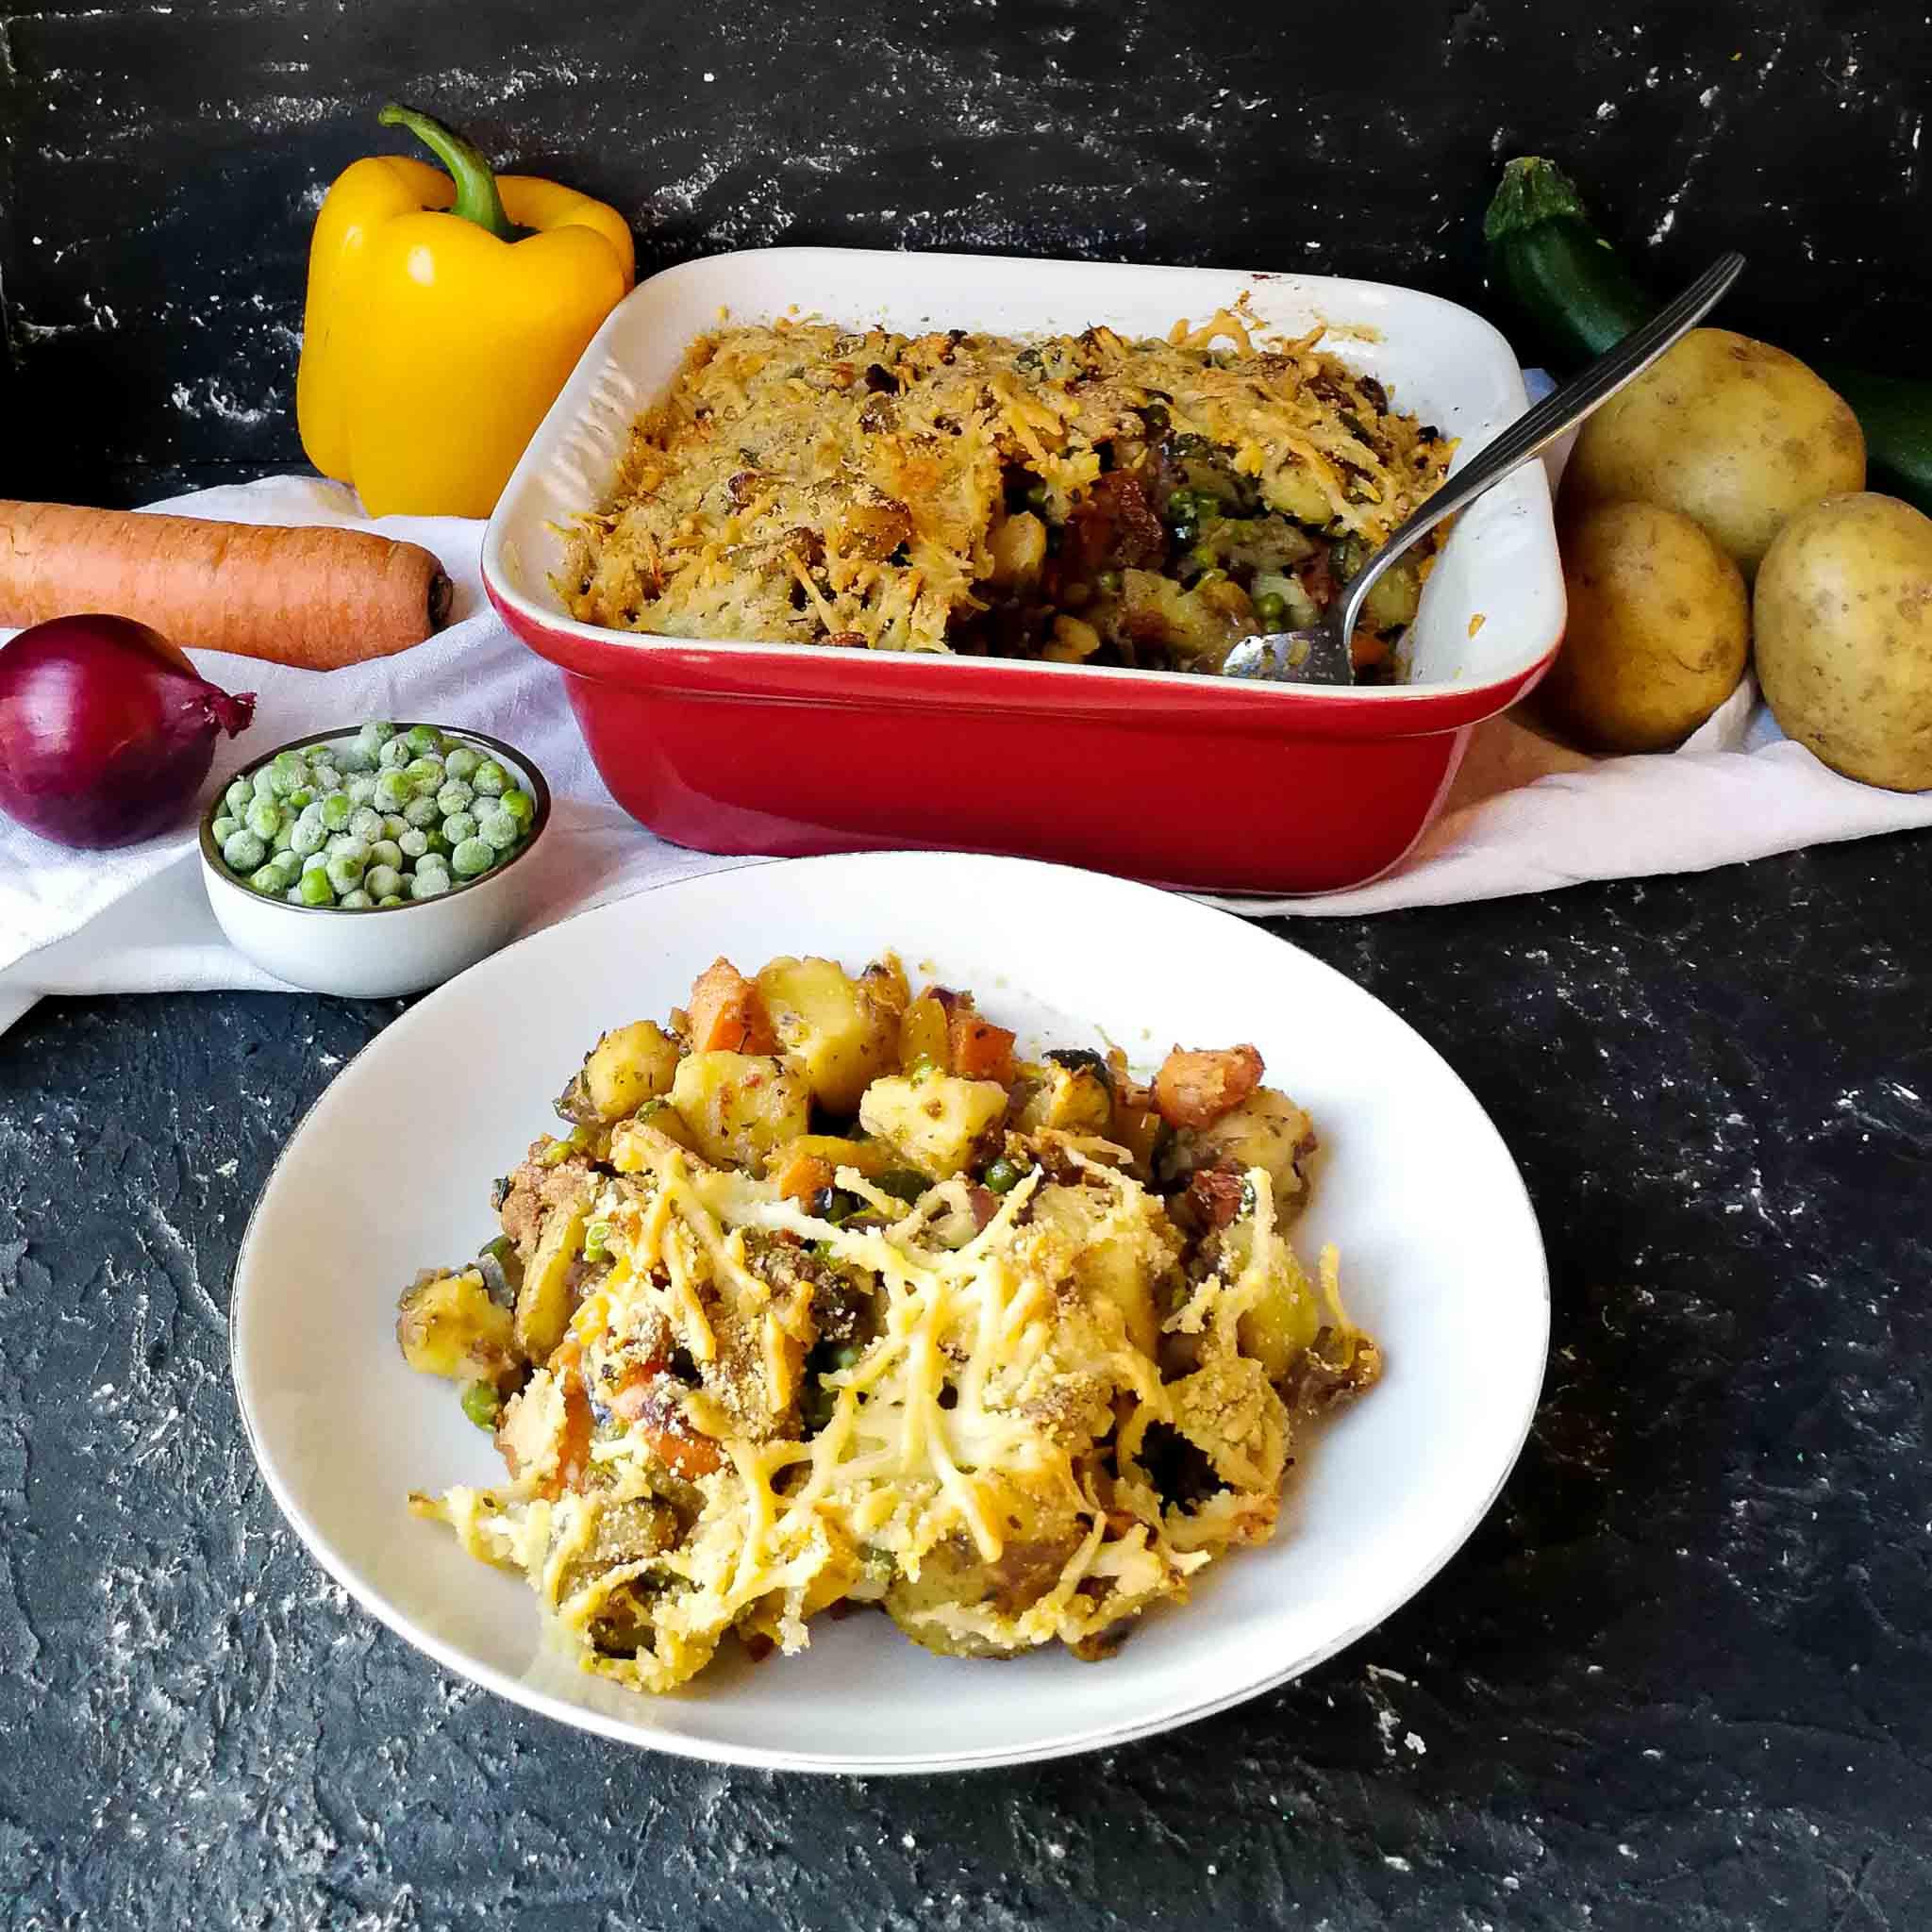 Aardappelschotel met zongedroogde tomaatjes en kaas